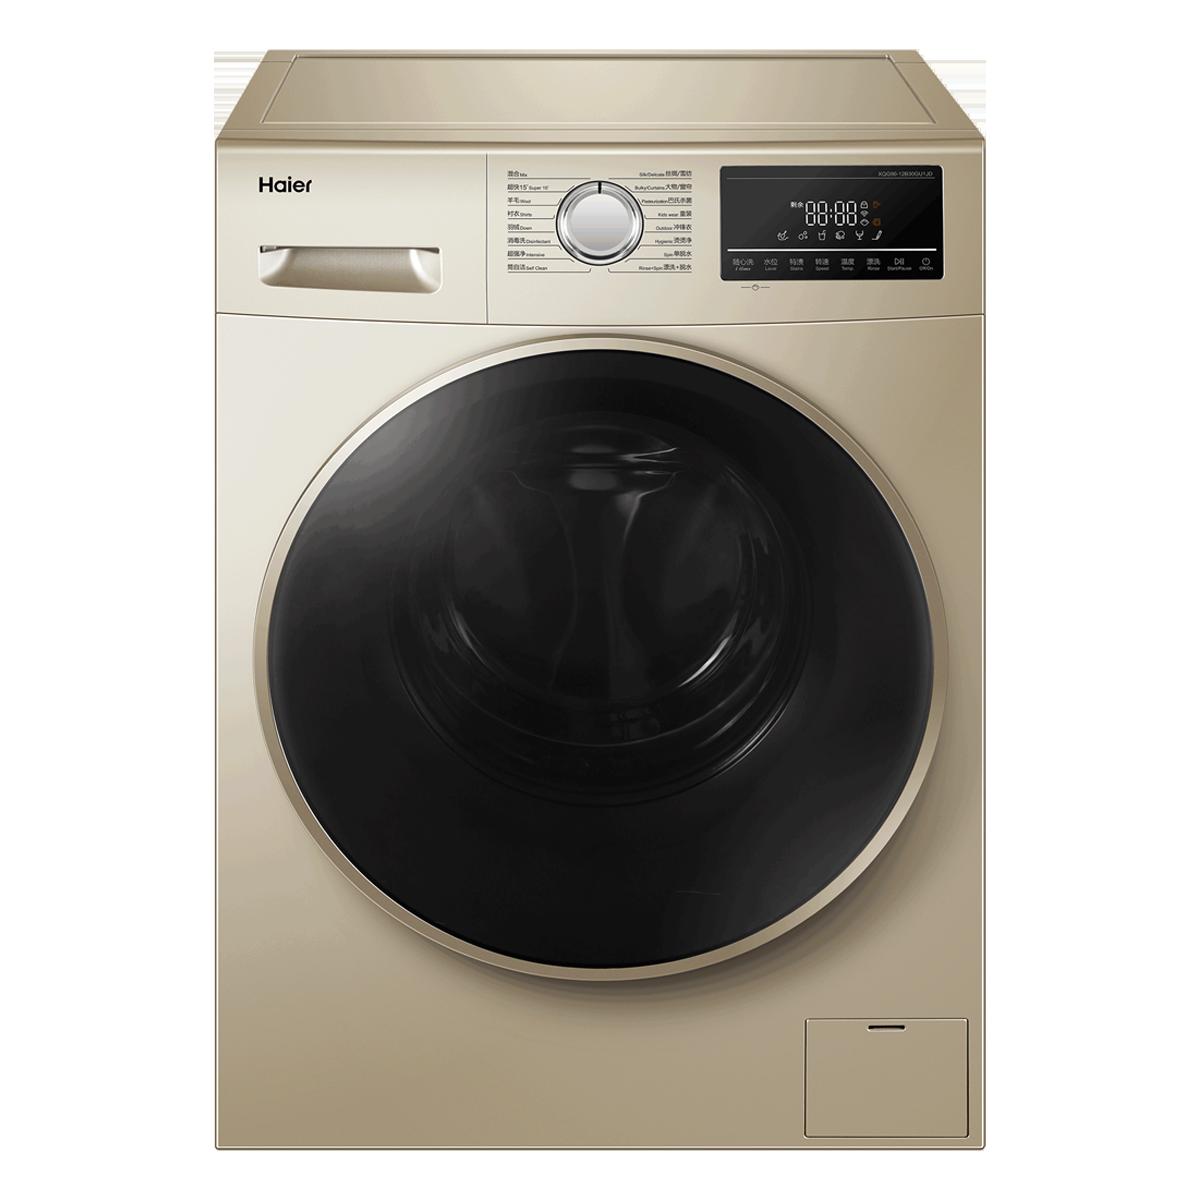 海尔Haier洗衣机 XQG90-12B30GU1JD 说明书